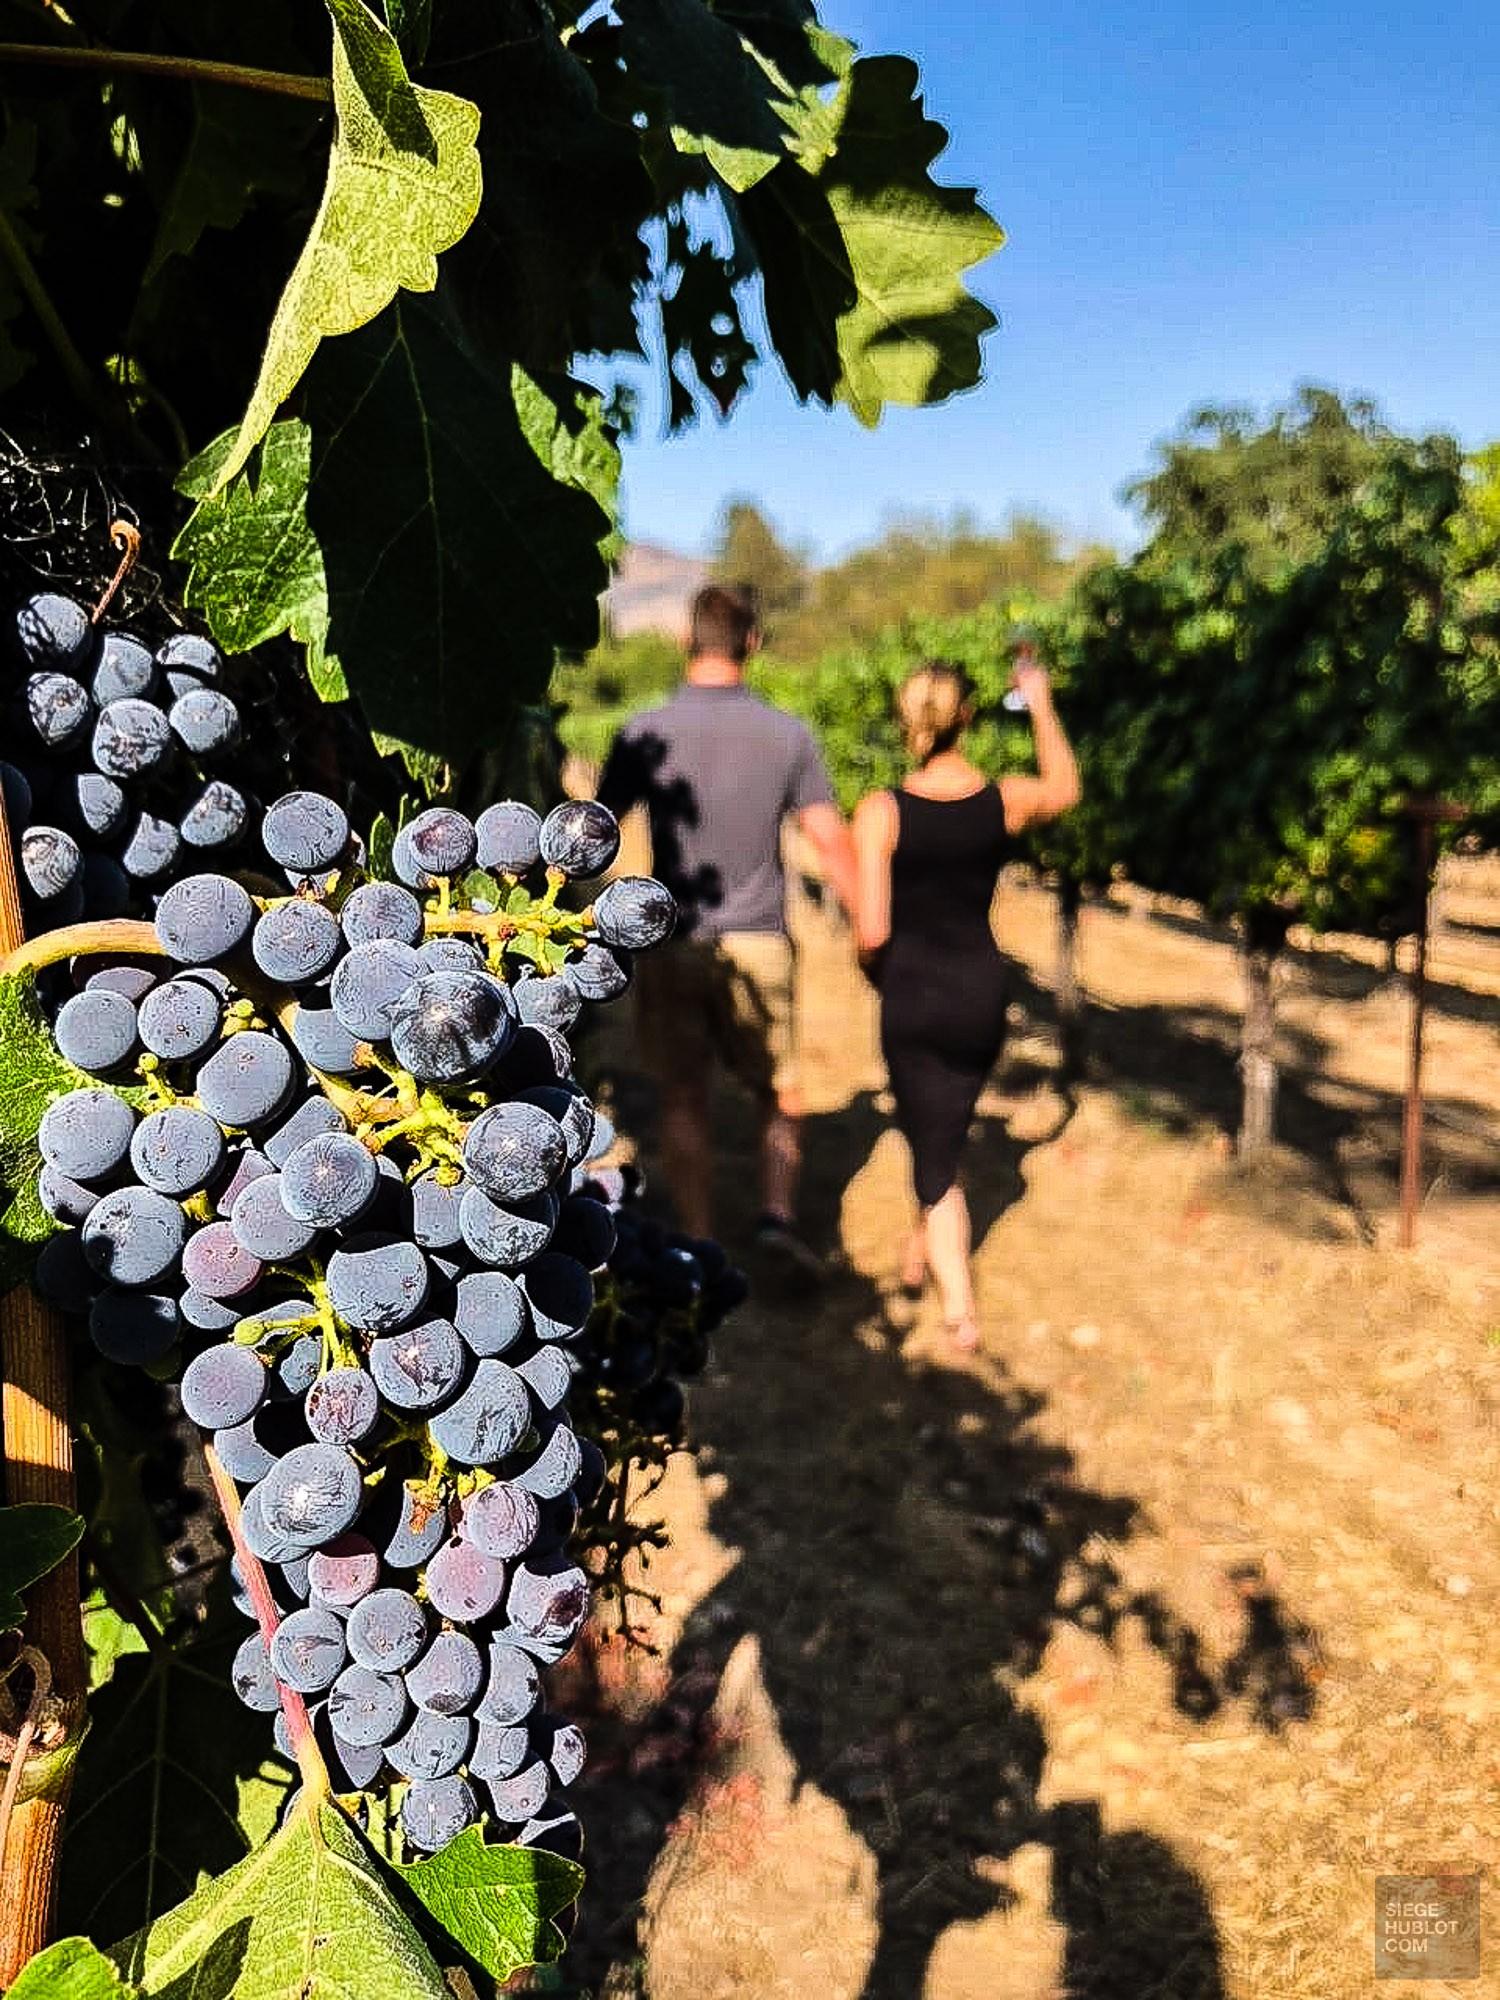 Raisins vignoble - Coup de coeur a Napa Valley - Ameriques, Etats-Unis